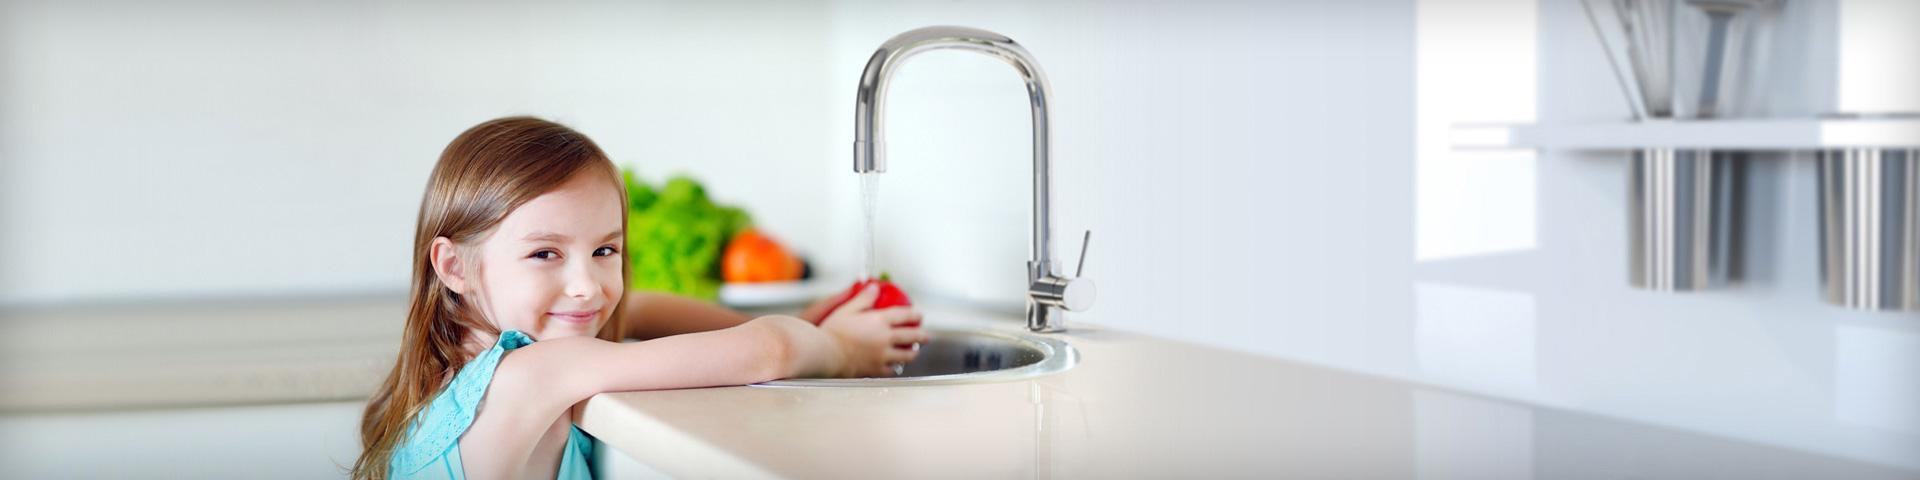 Απολαύστε καθαρό,</br>υγιεινό νερό, κάθε μέρα!